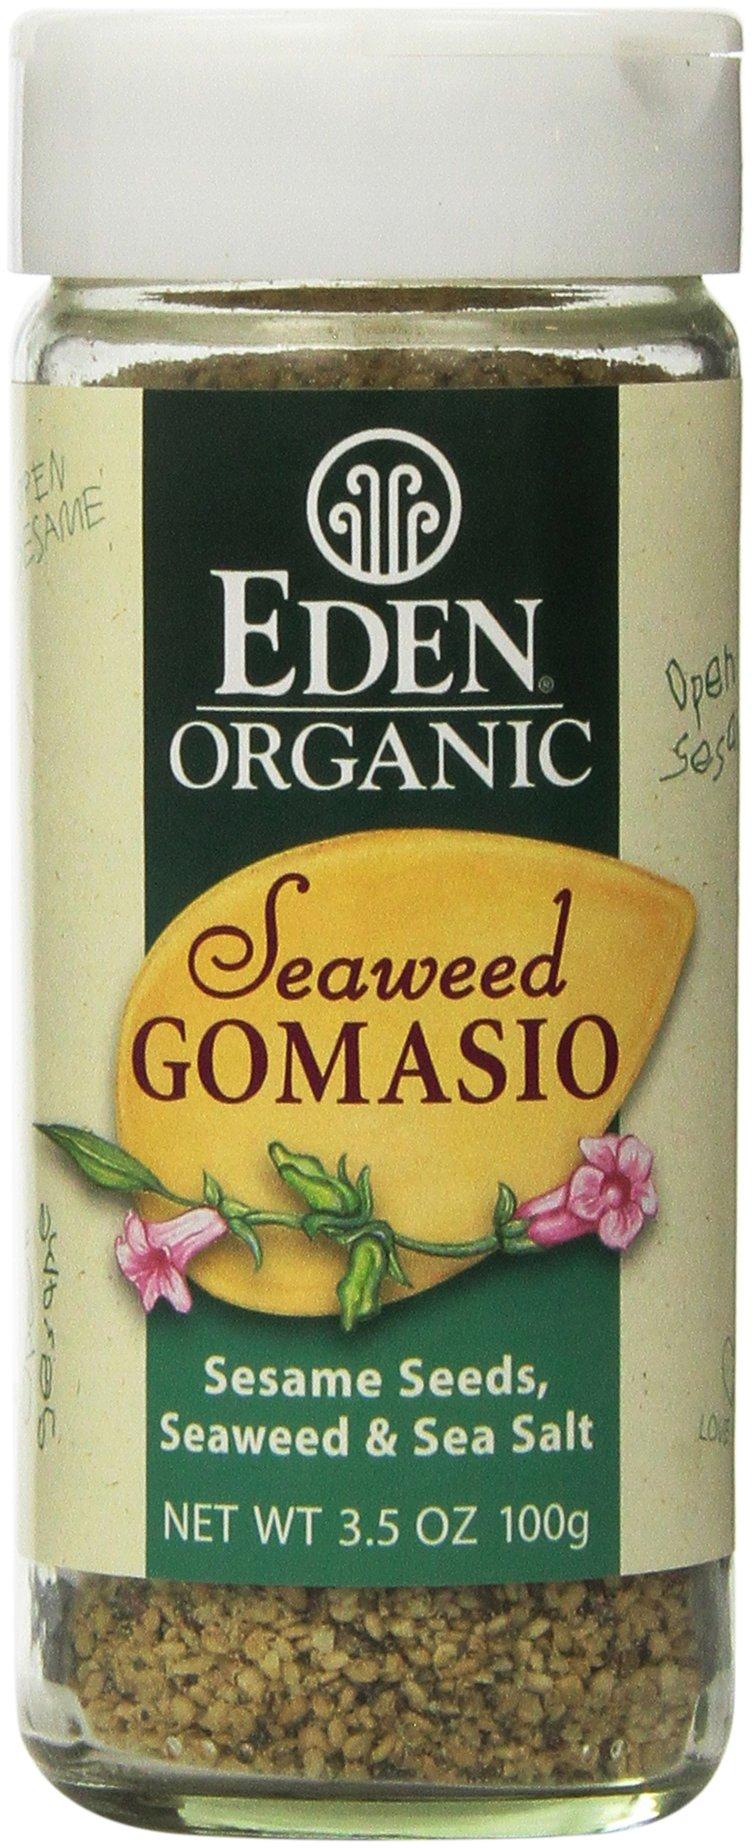 Eden Organic Seaweed Gomasio, Sesame Seeds, Seaweed & Sea Salt, 3.5-Ounce Shakers (Pack of 12)